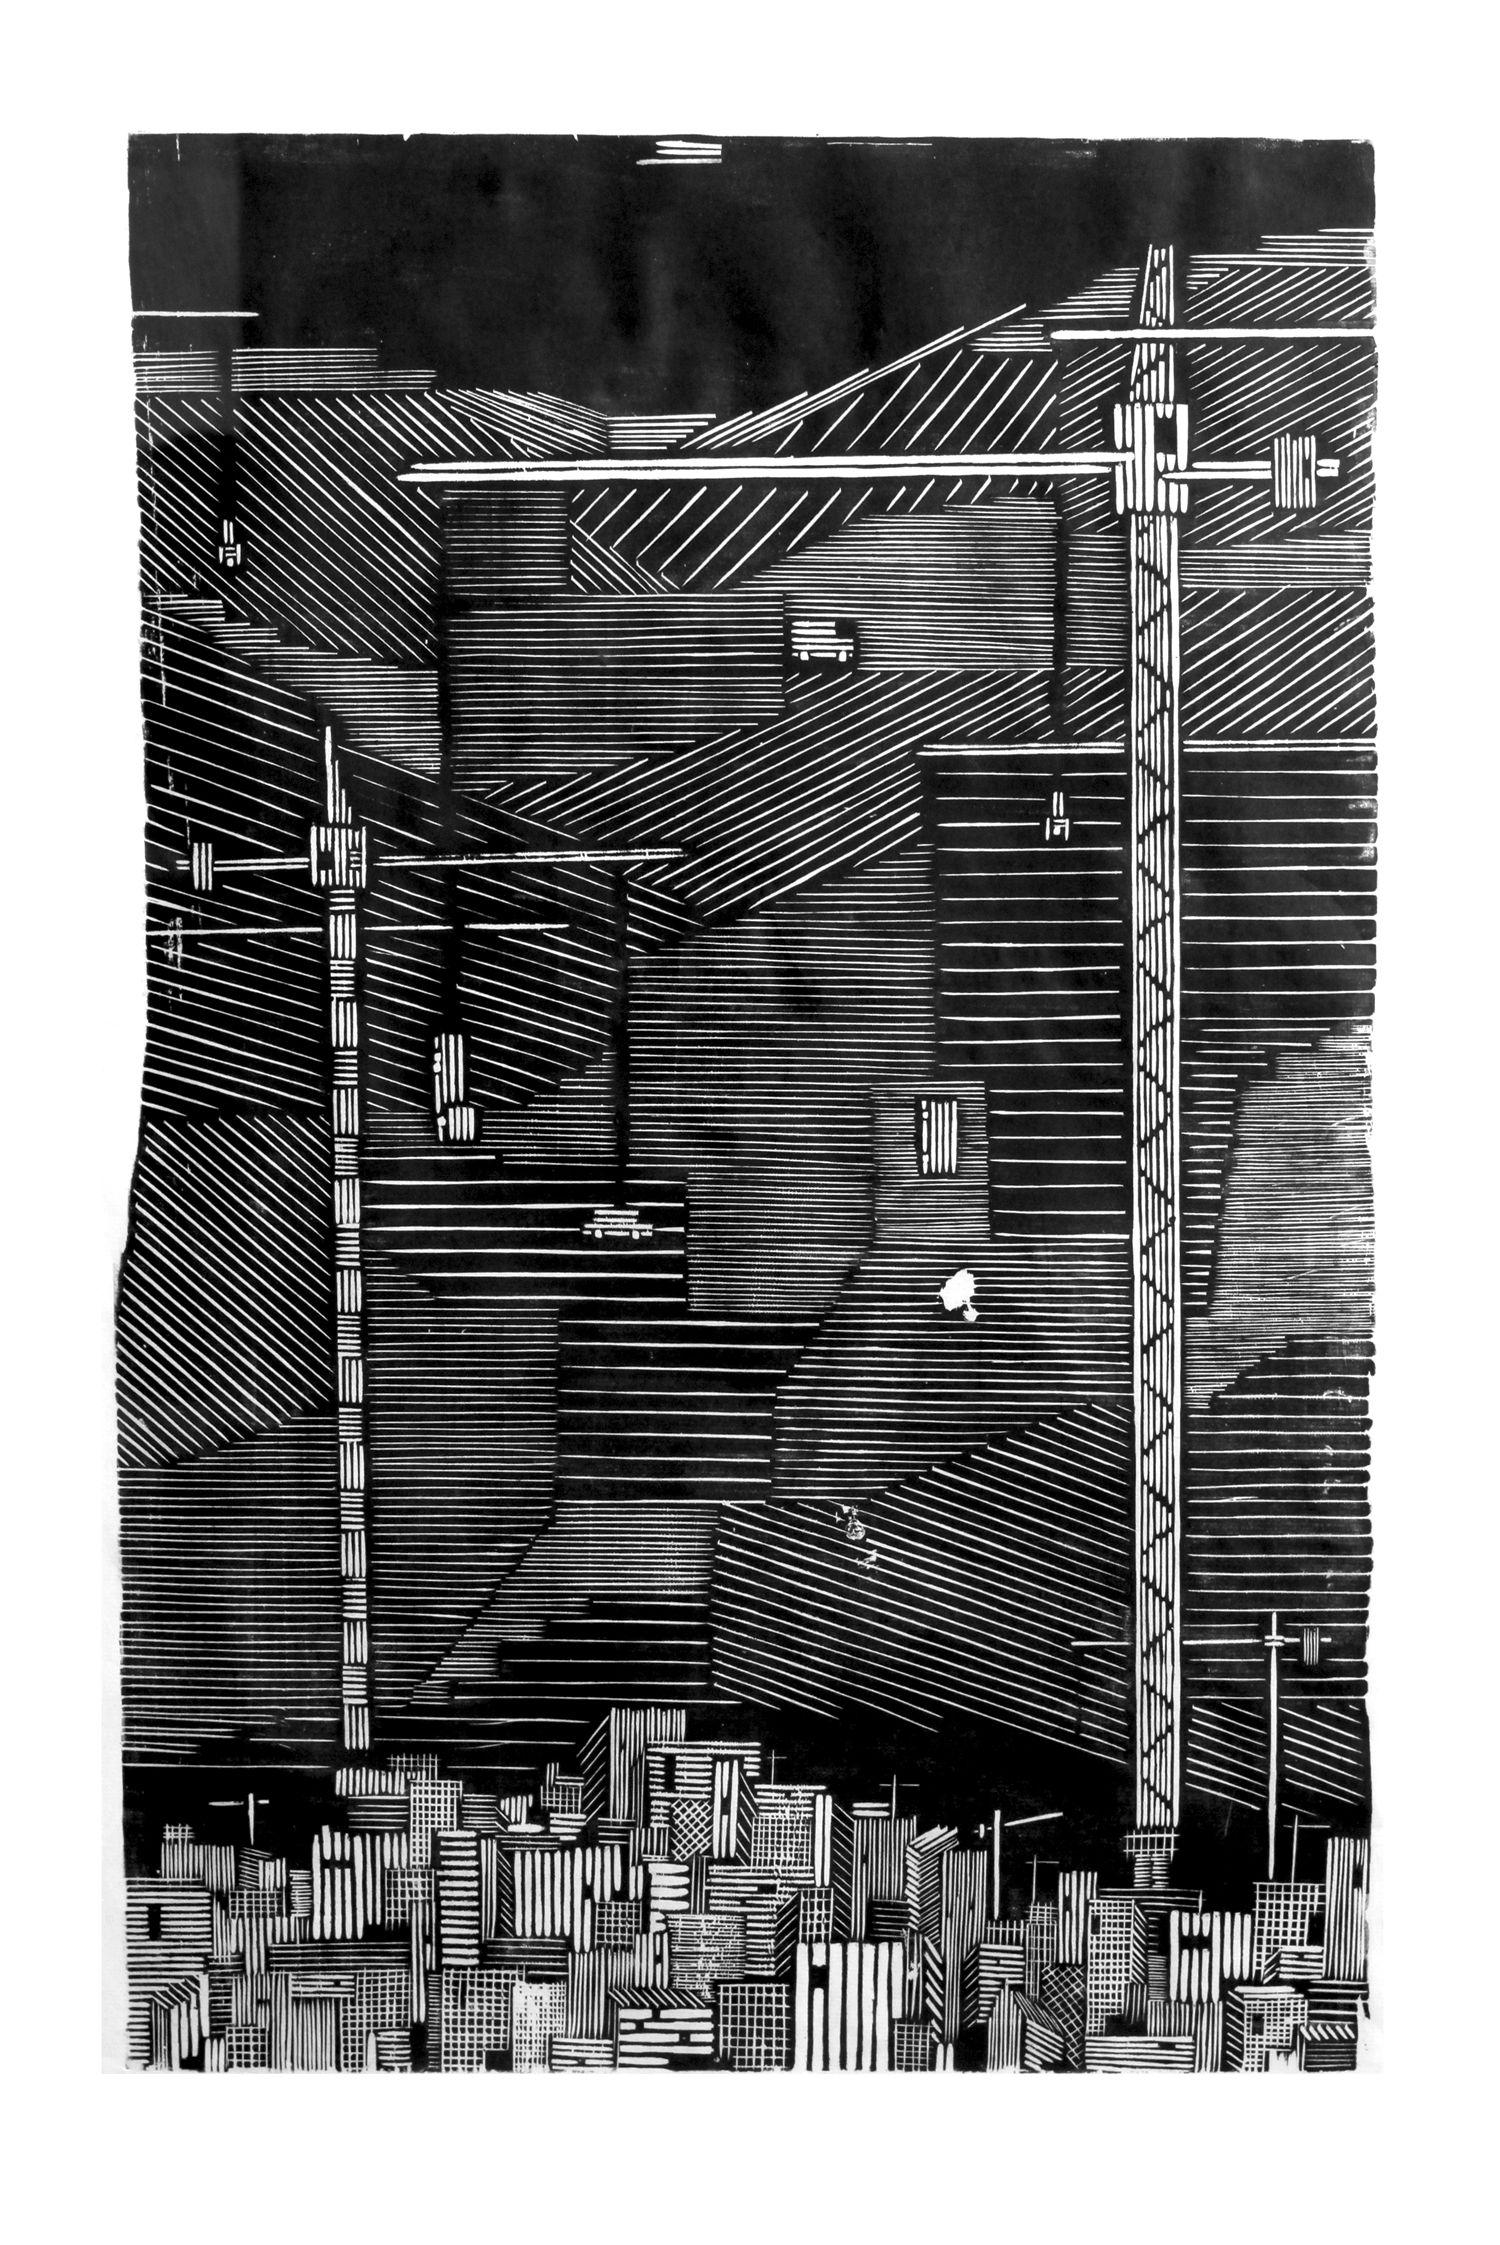 塔吊抽象手绘图